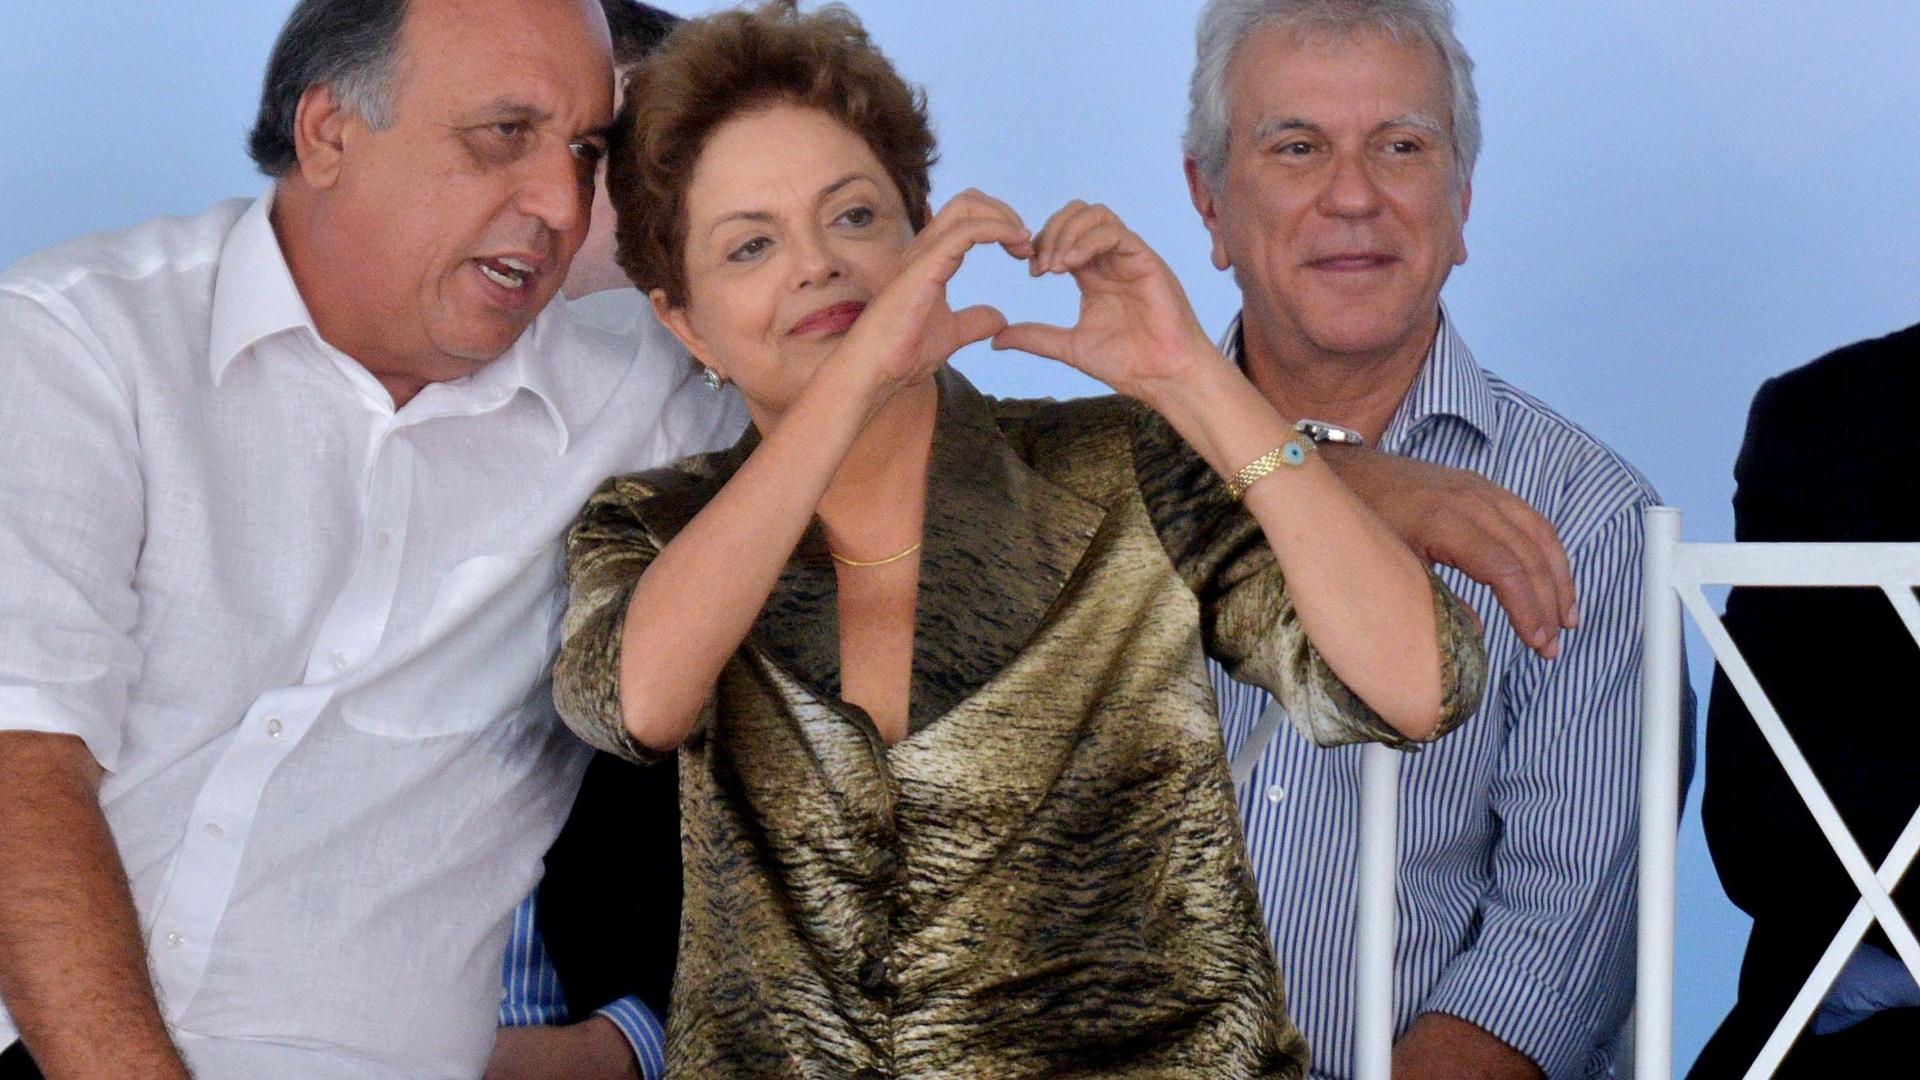 9.abr.2015 - A presidente da República, Dilma Rousseff, acompanhada do governador do Rio de Janeiro, Luiz Fernando Pezão, entregou residências do programa Minha Casa Minha Vida, em Duque de Caxias (RJ), nesta quinta-feira (9). Durante o discurso a presidente afirmou que o projeto da terceirização, cujo texto-base foi aprovado na quarta-feira (8) no Congresso, não pode